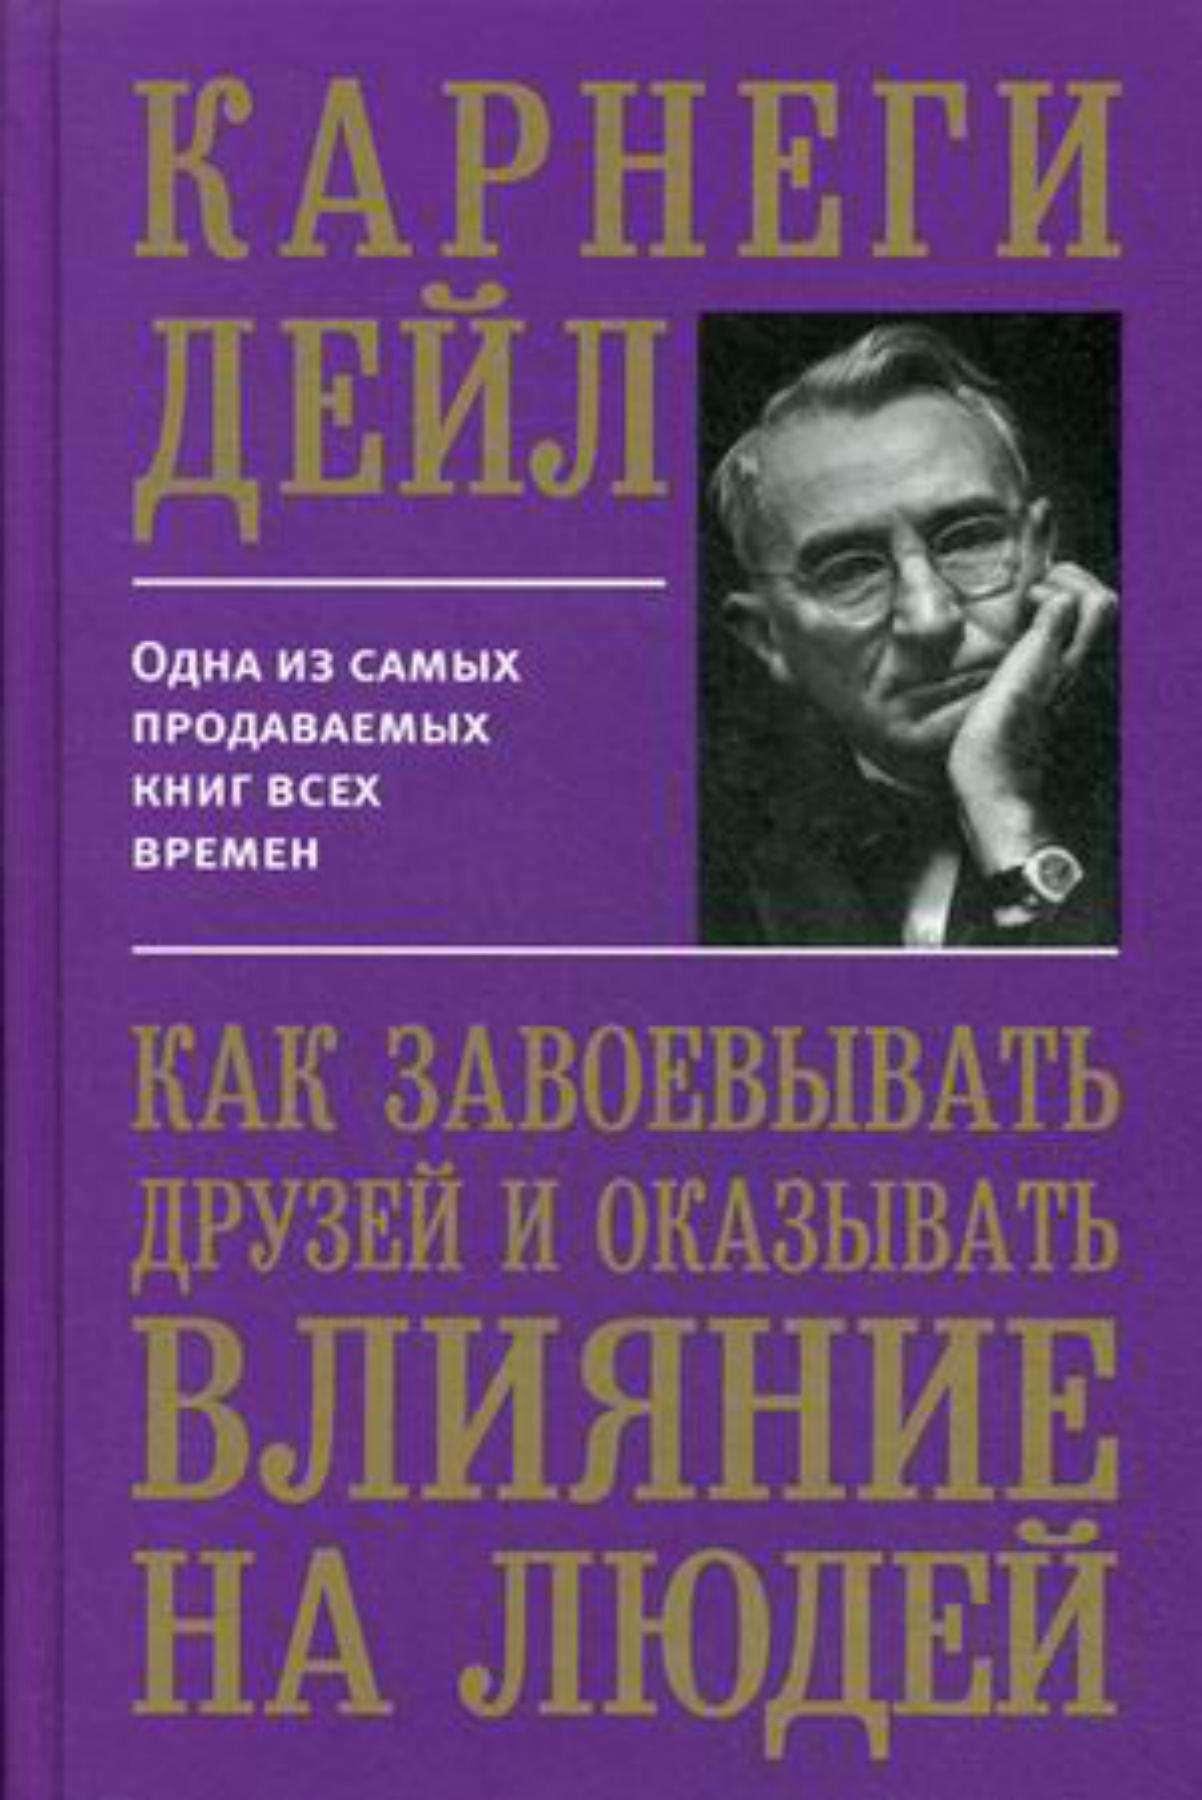 """Книга """"Как завоевывать друзей и оказывать на влияние на людей"""""""